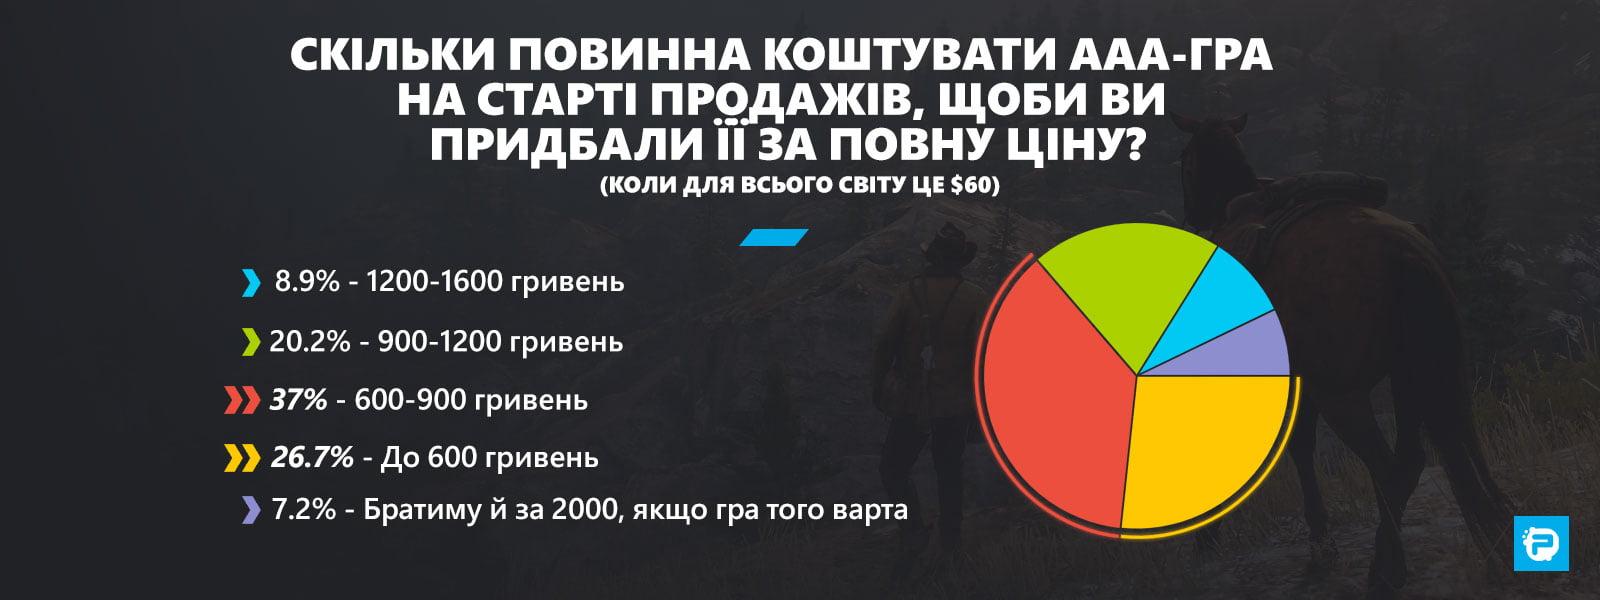 Скільки повинна коштувати ААА-гра на старті продажів, щоби Ви придбали її за повну ціну (коли для всього світу це $60)?